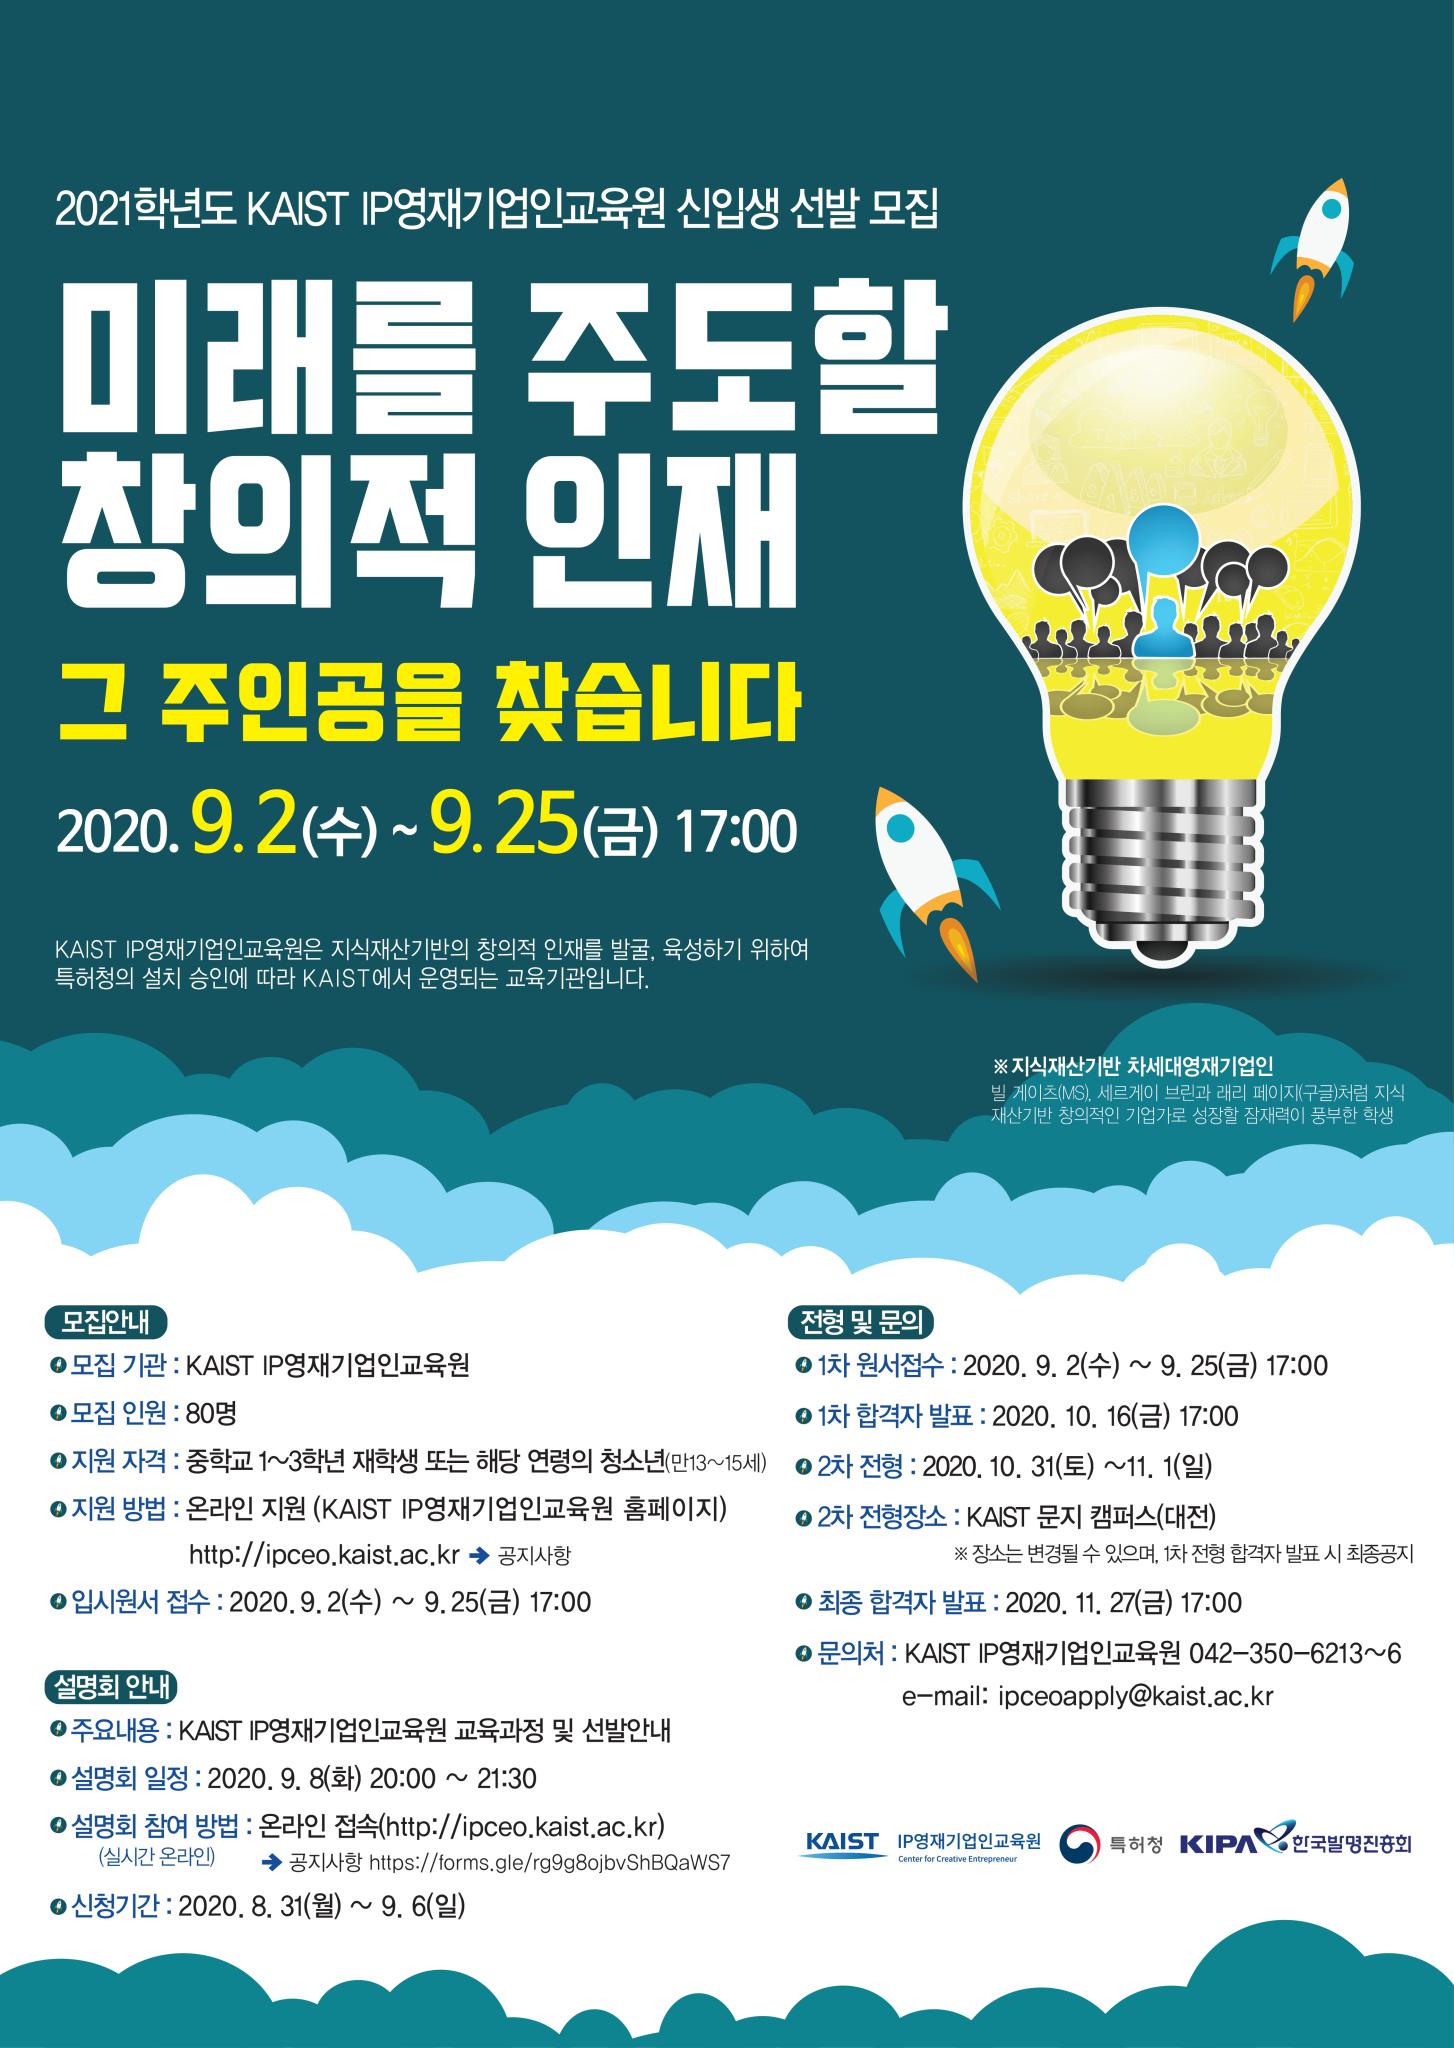 2021학년도 KAIST IP영재기업인교육원 홍보 포스터 시안(최종)